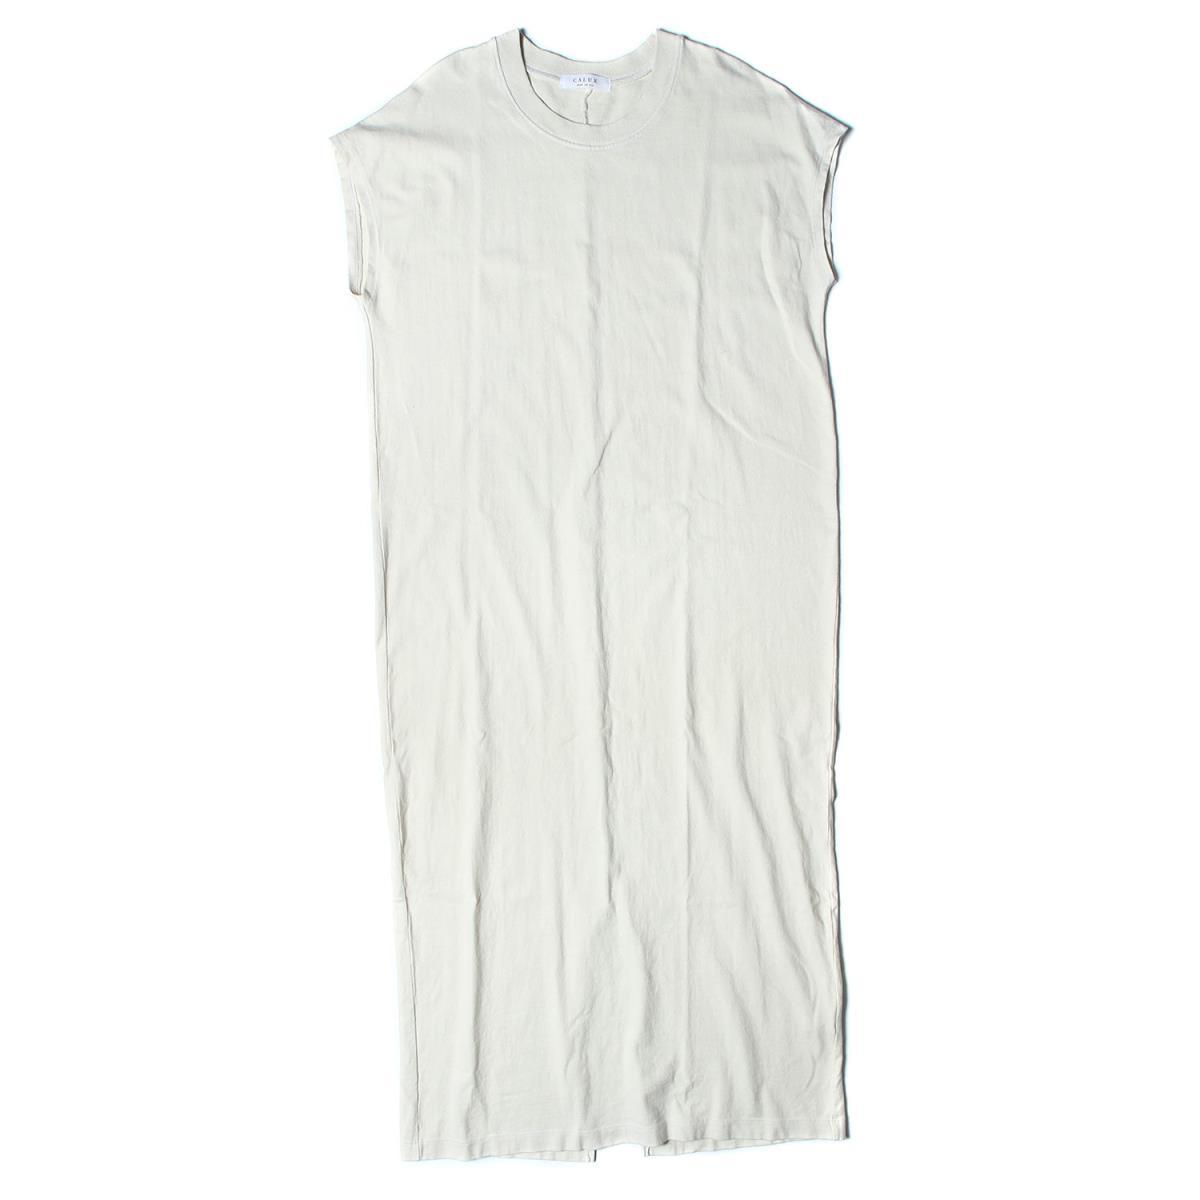 CALUX(キャラクス) コットン Tシャツ ワンピース C/N LONG 19秋冬 ホワイト S 【レディース】【中古】【K2634】